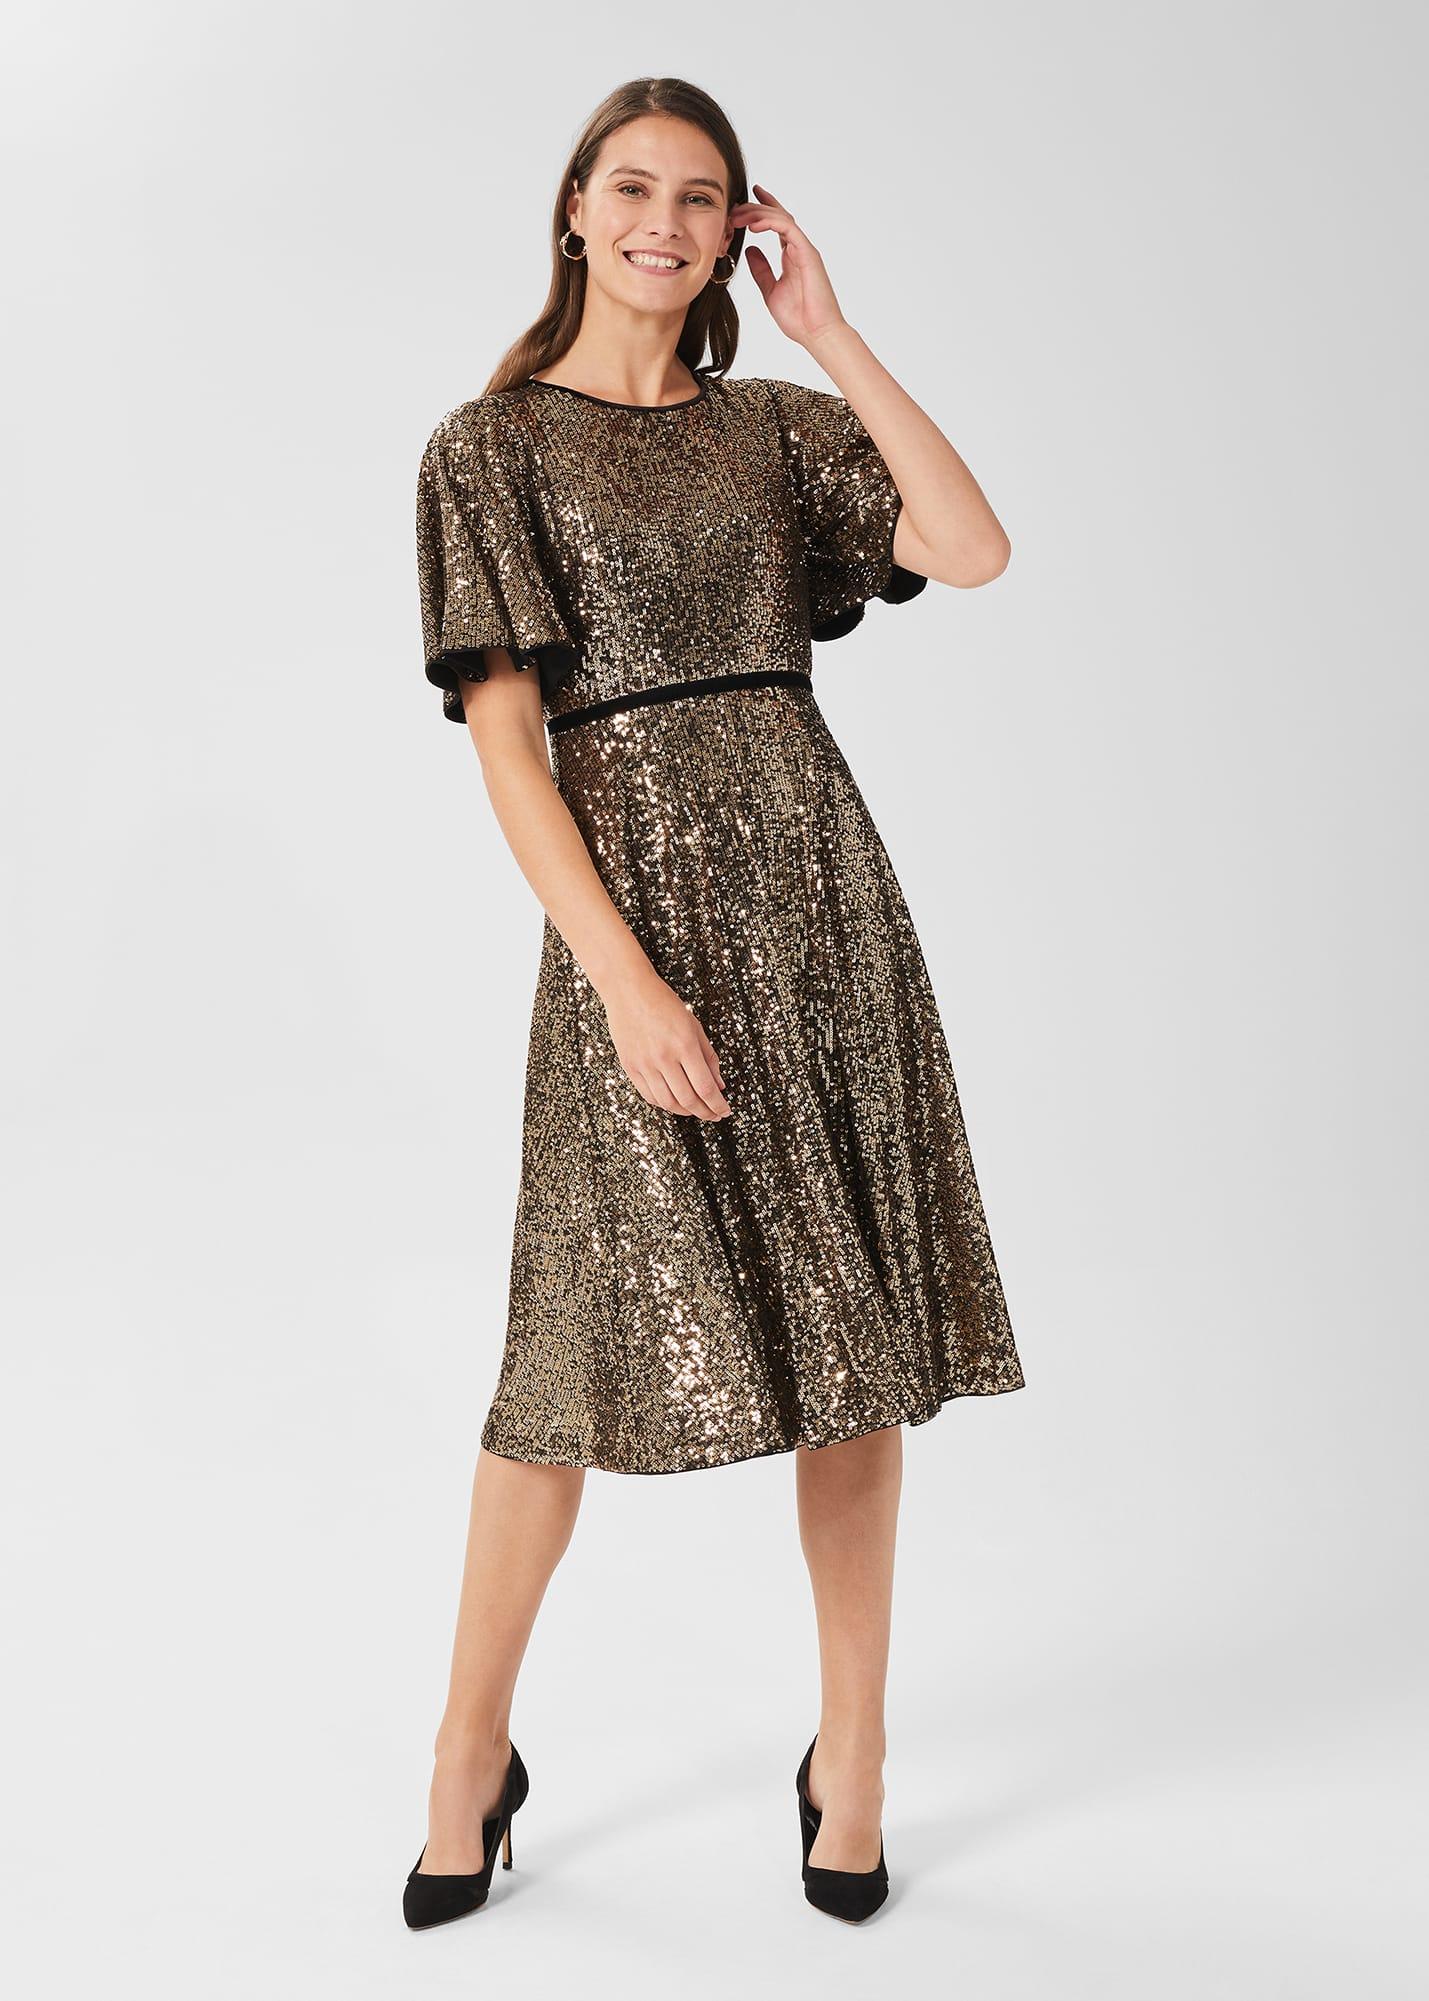 Hobbs Women Betsey Sequin Dress